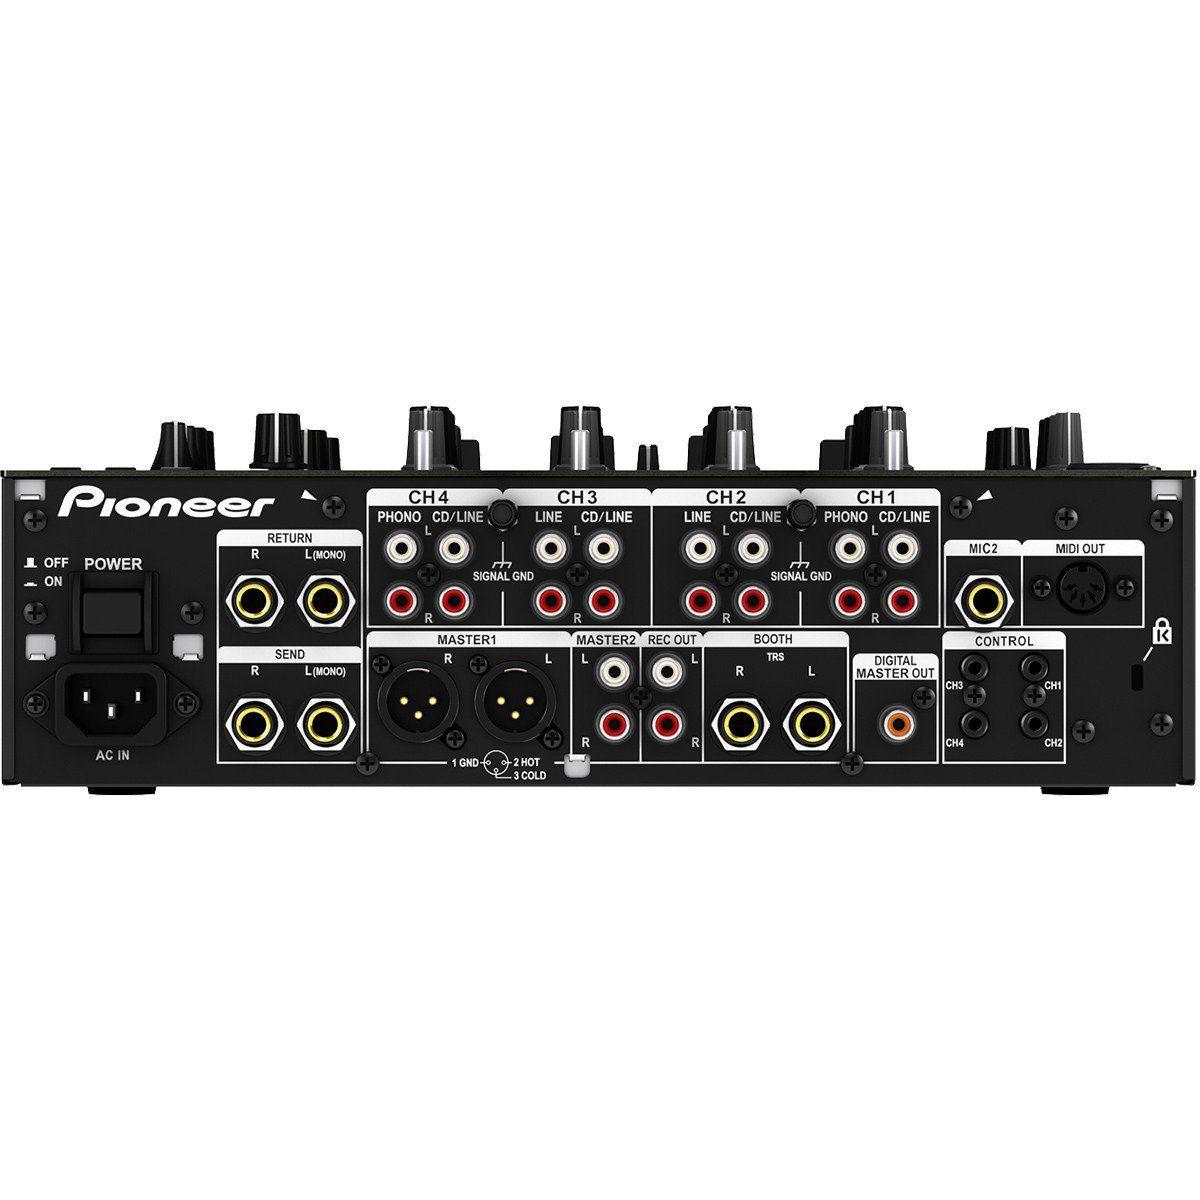 Pioneer DJM-850 Mixer com 13 Efeitos e Traktor Pioneer DJM850 para DJ Profissional